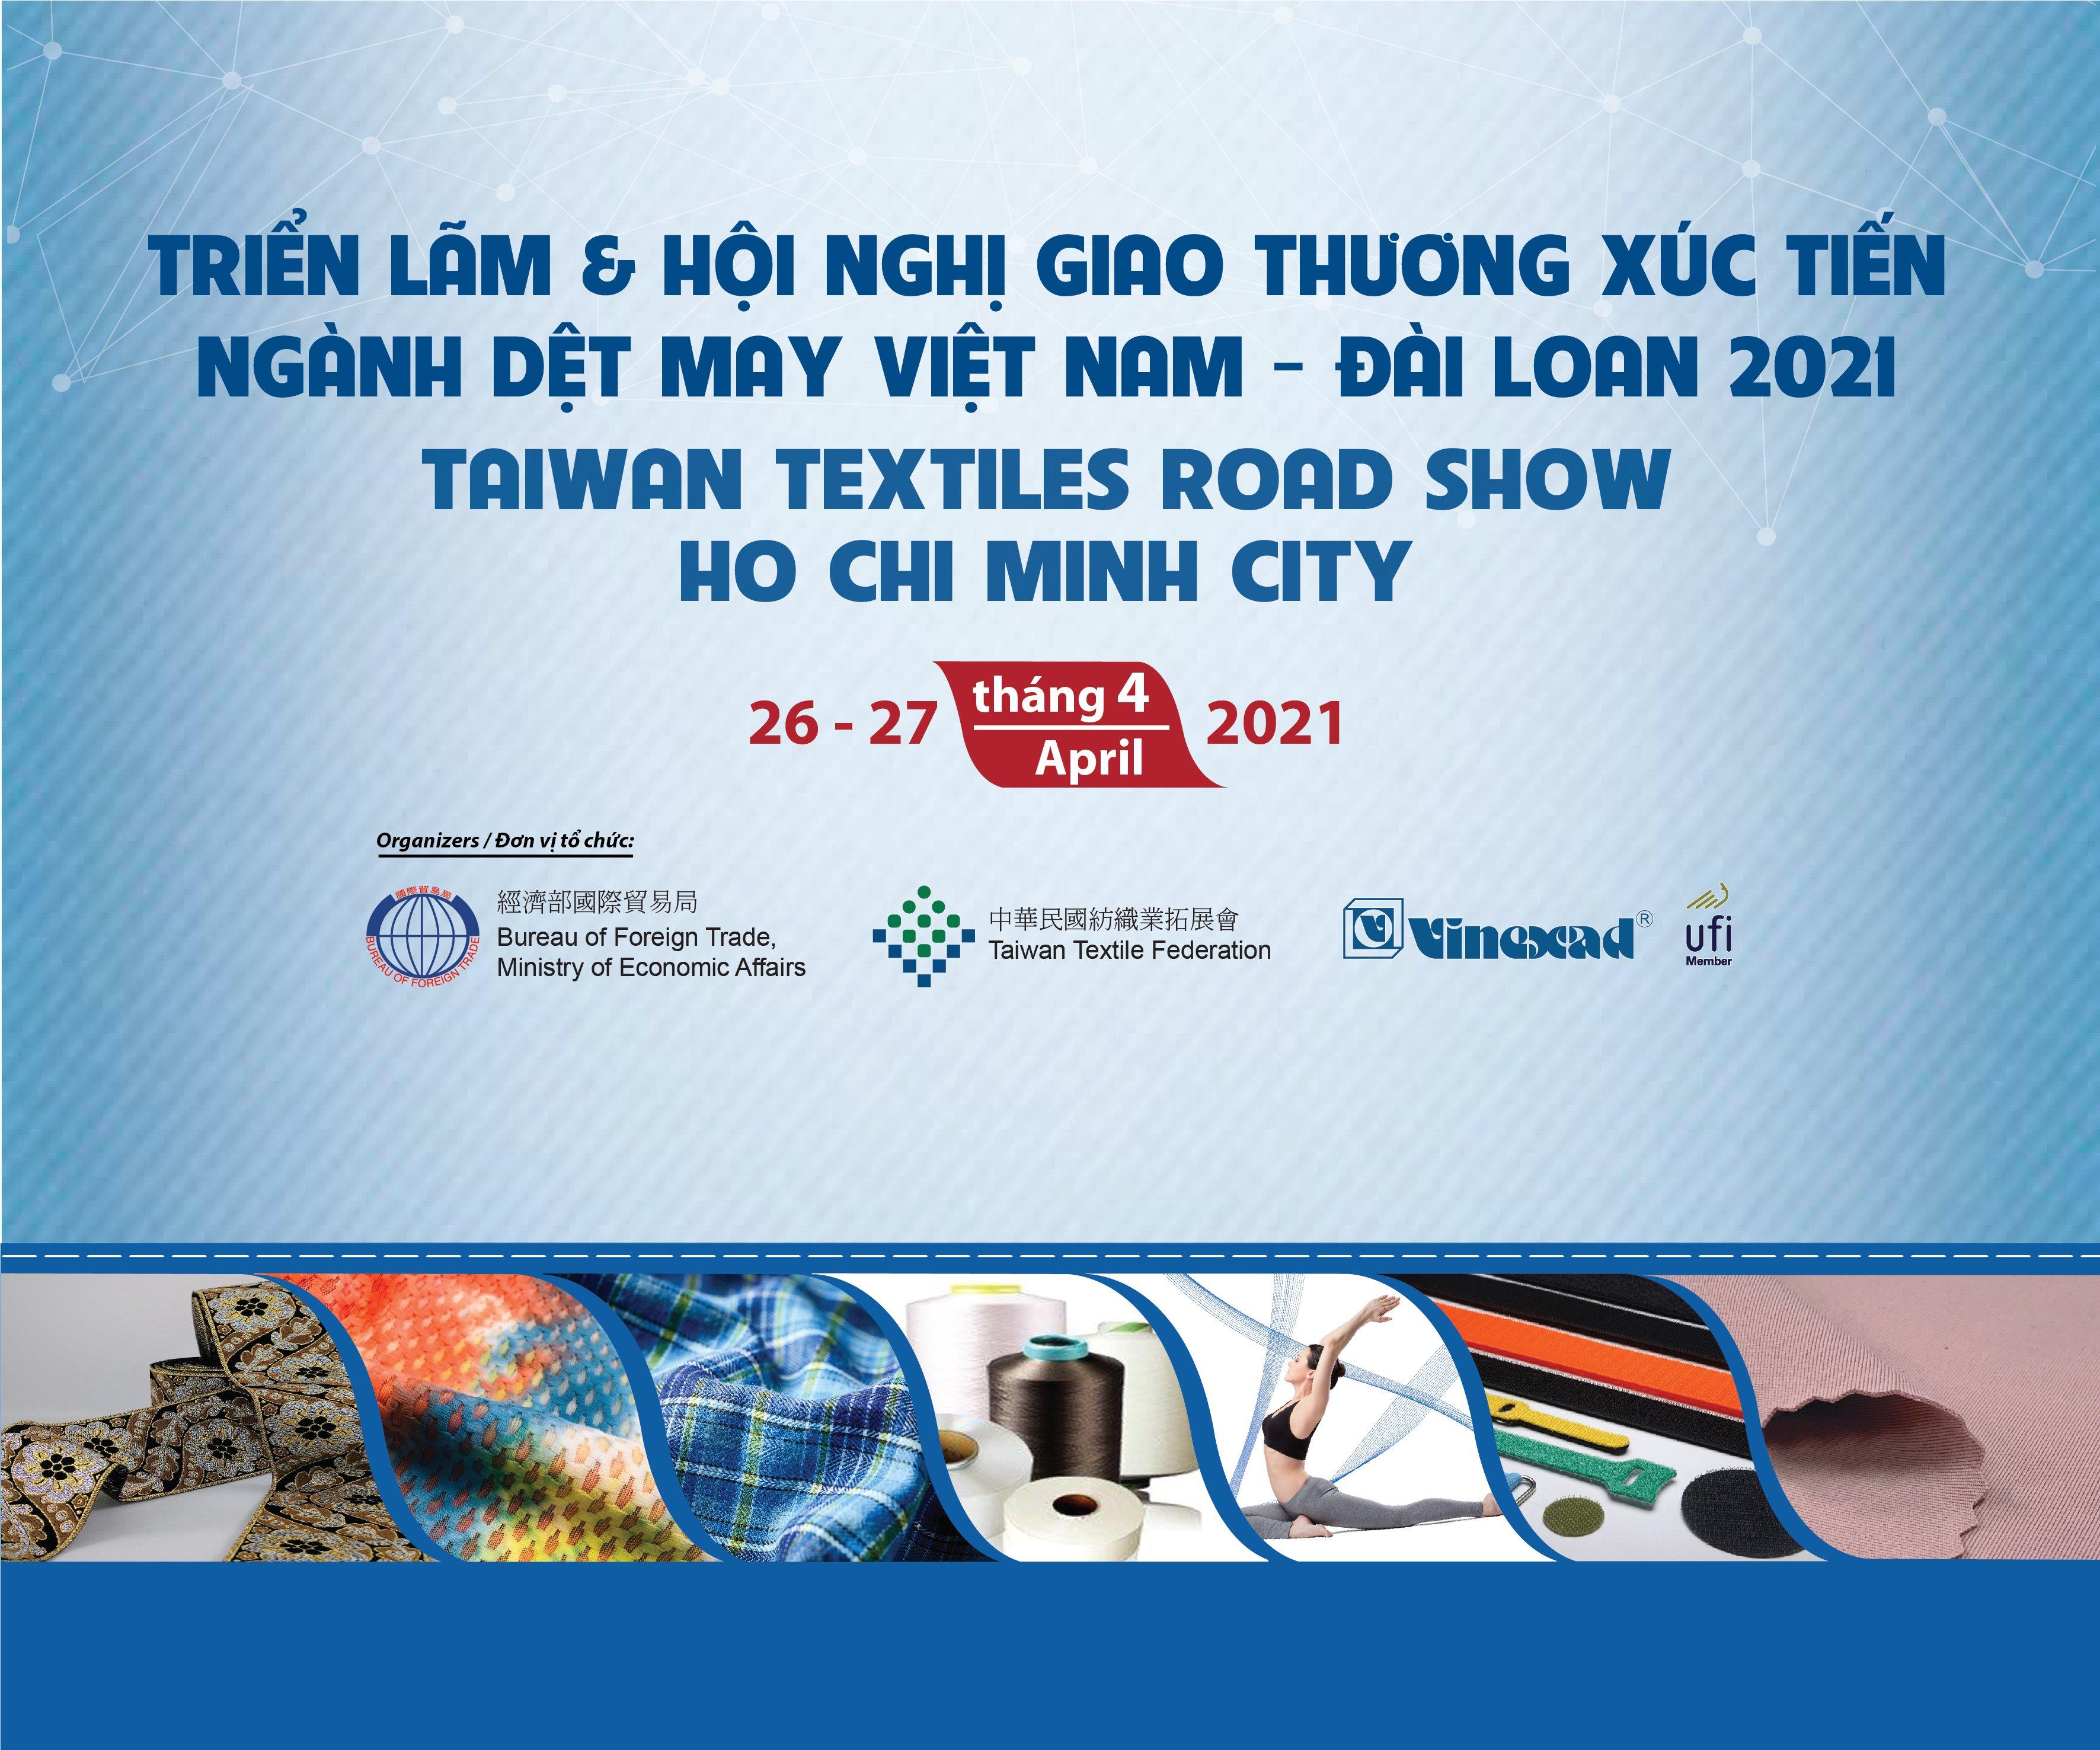 Triển lãm & Hội nghị giao thương Xúc tiến ngành Dệt may Việt Nam – Đài Loan 2021